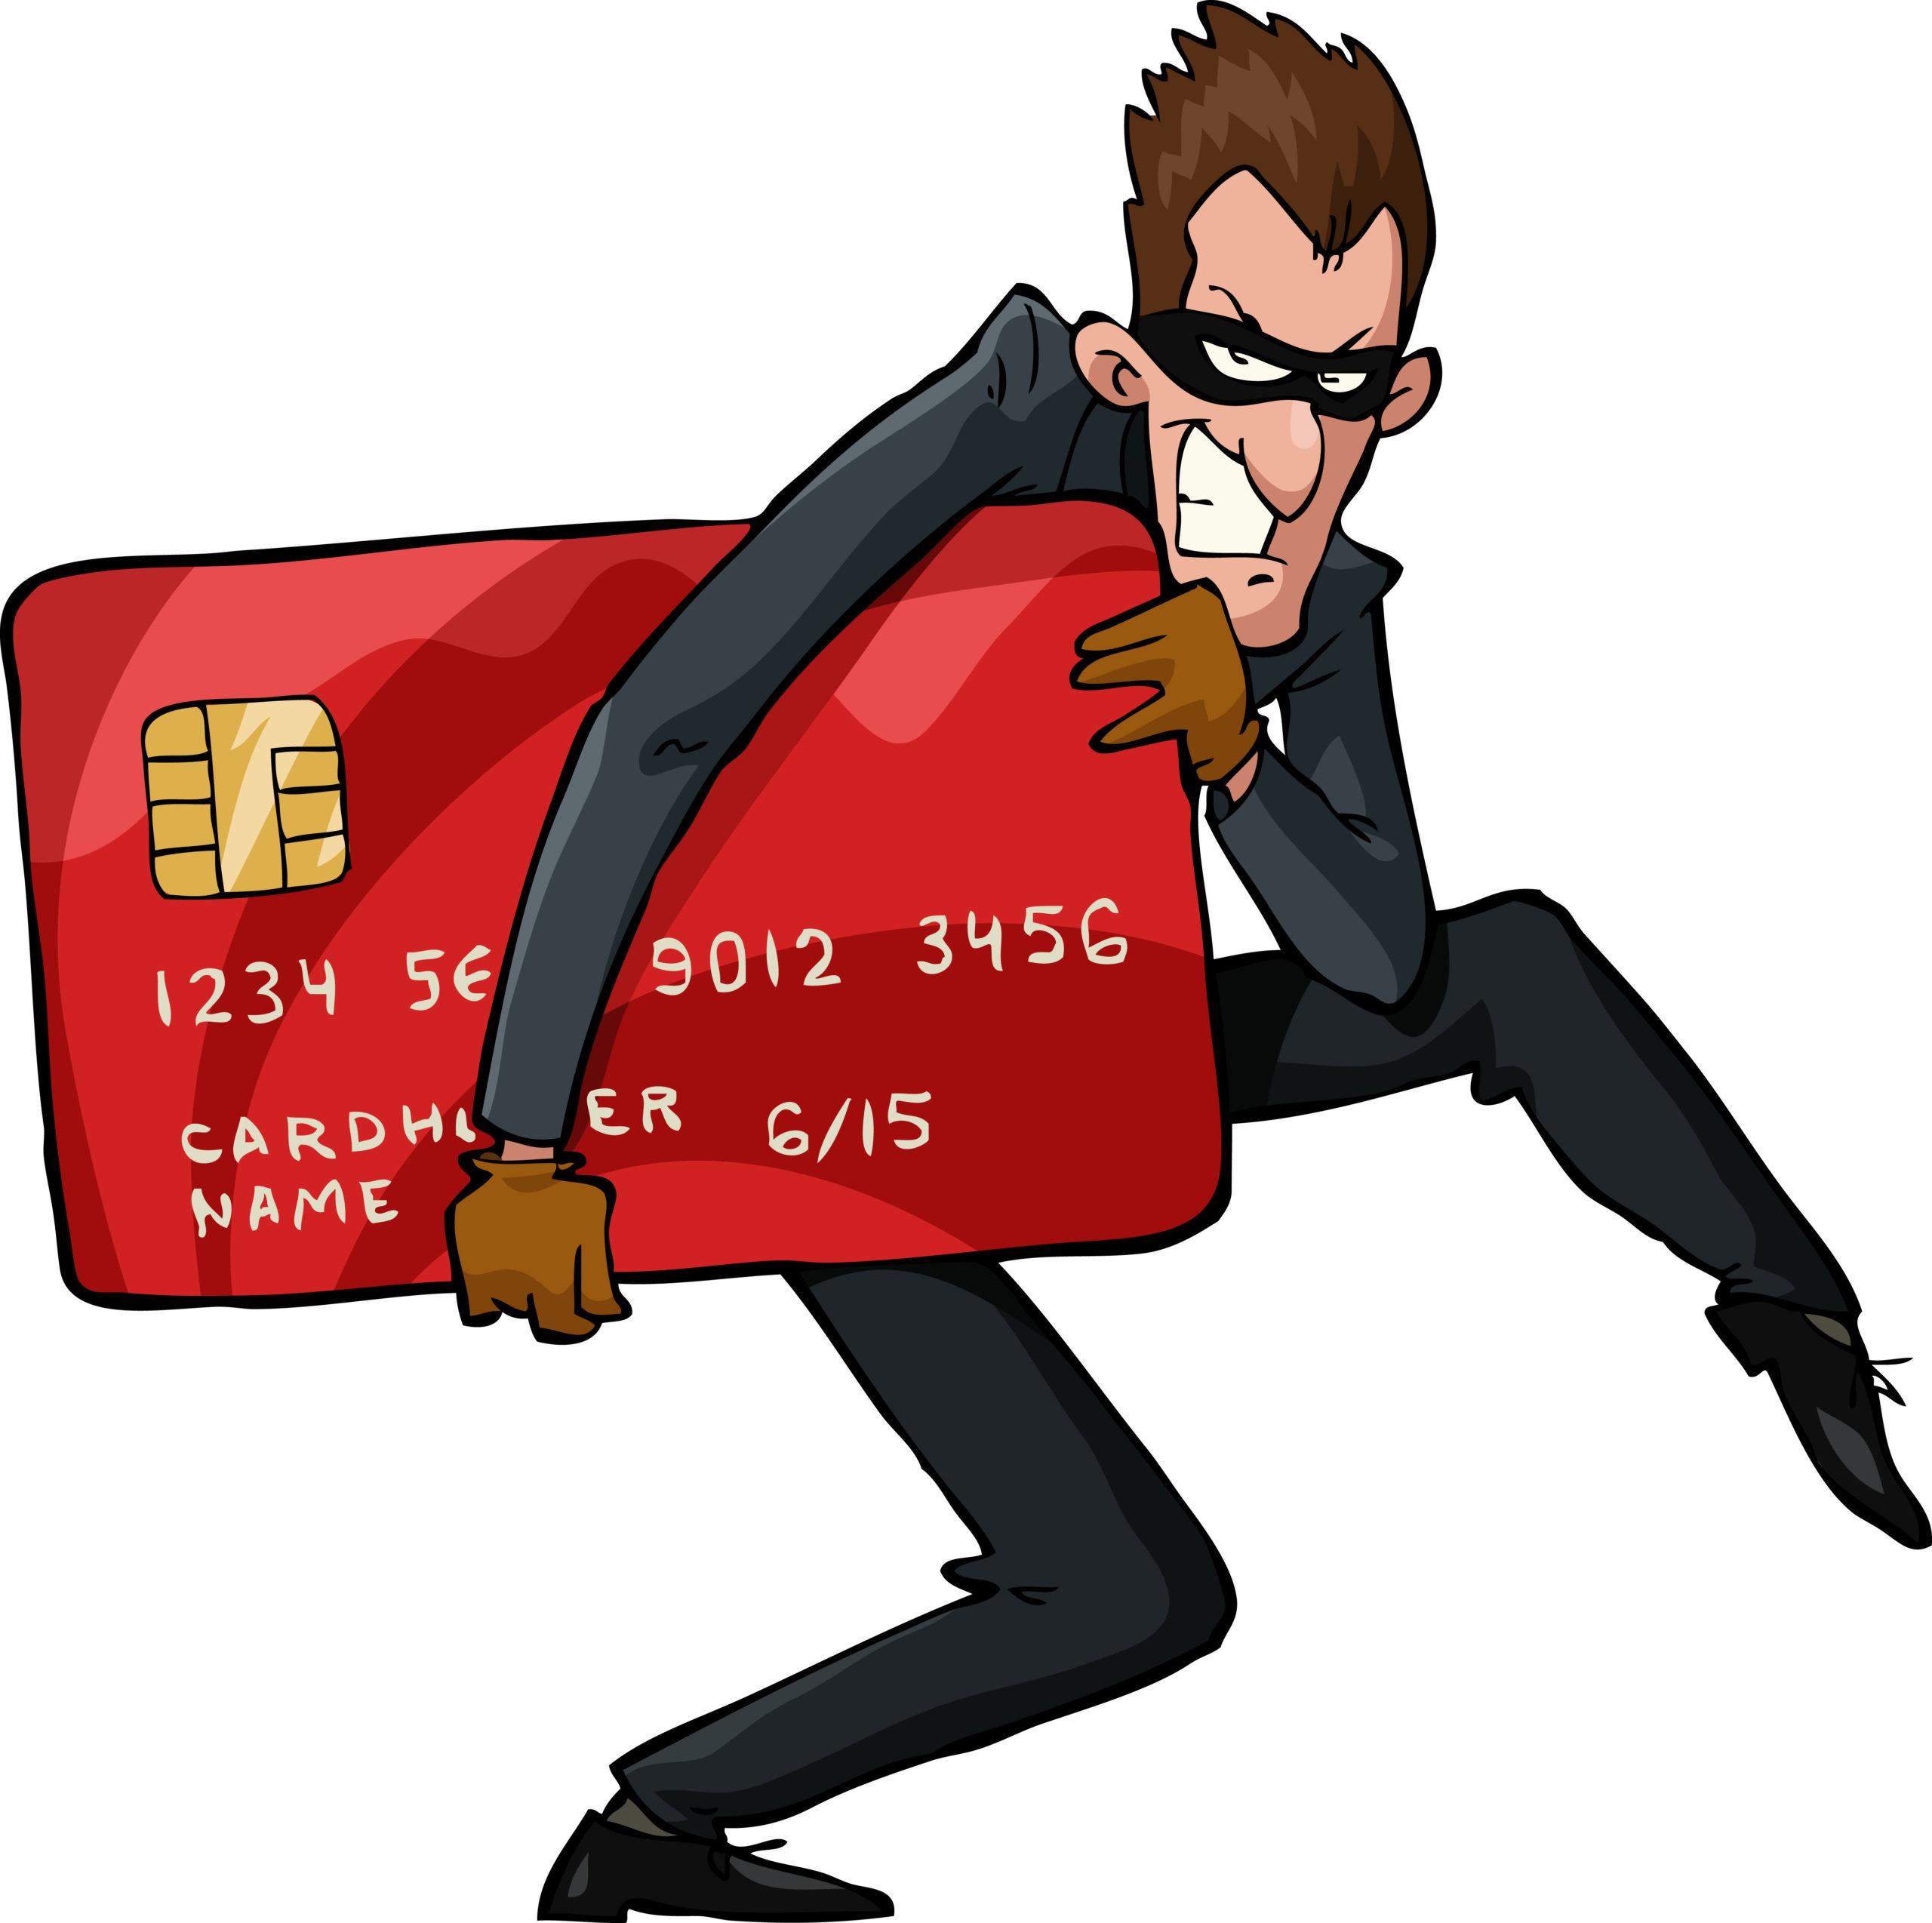 identity theft scaled  image